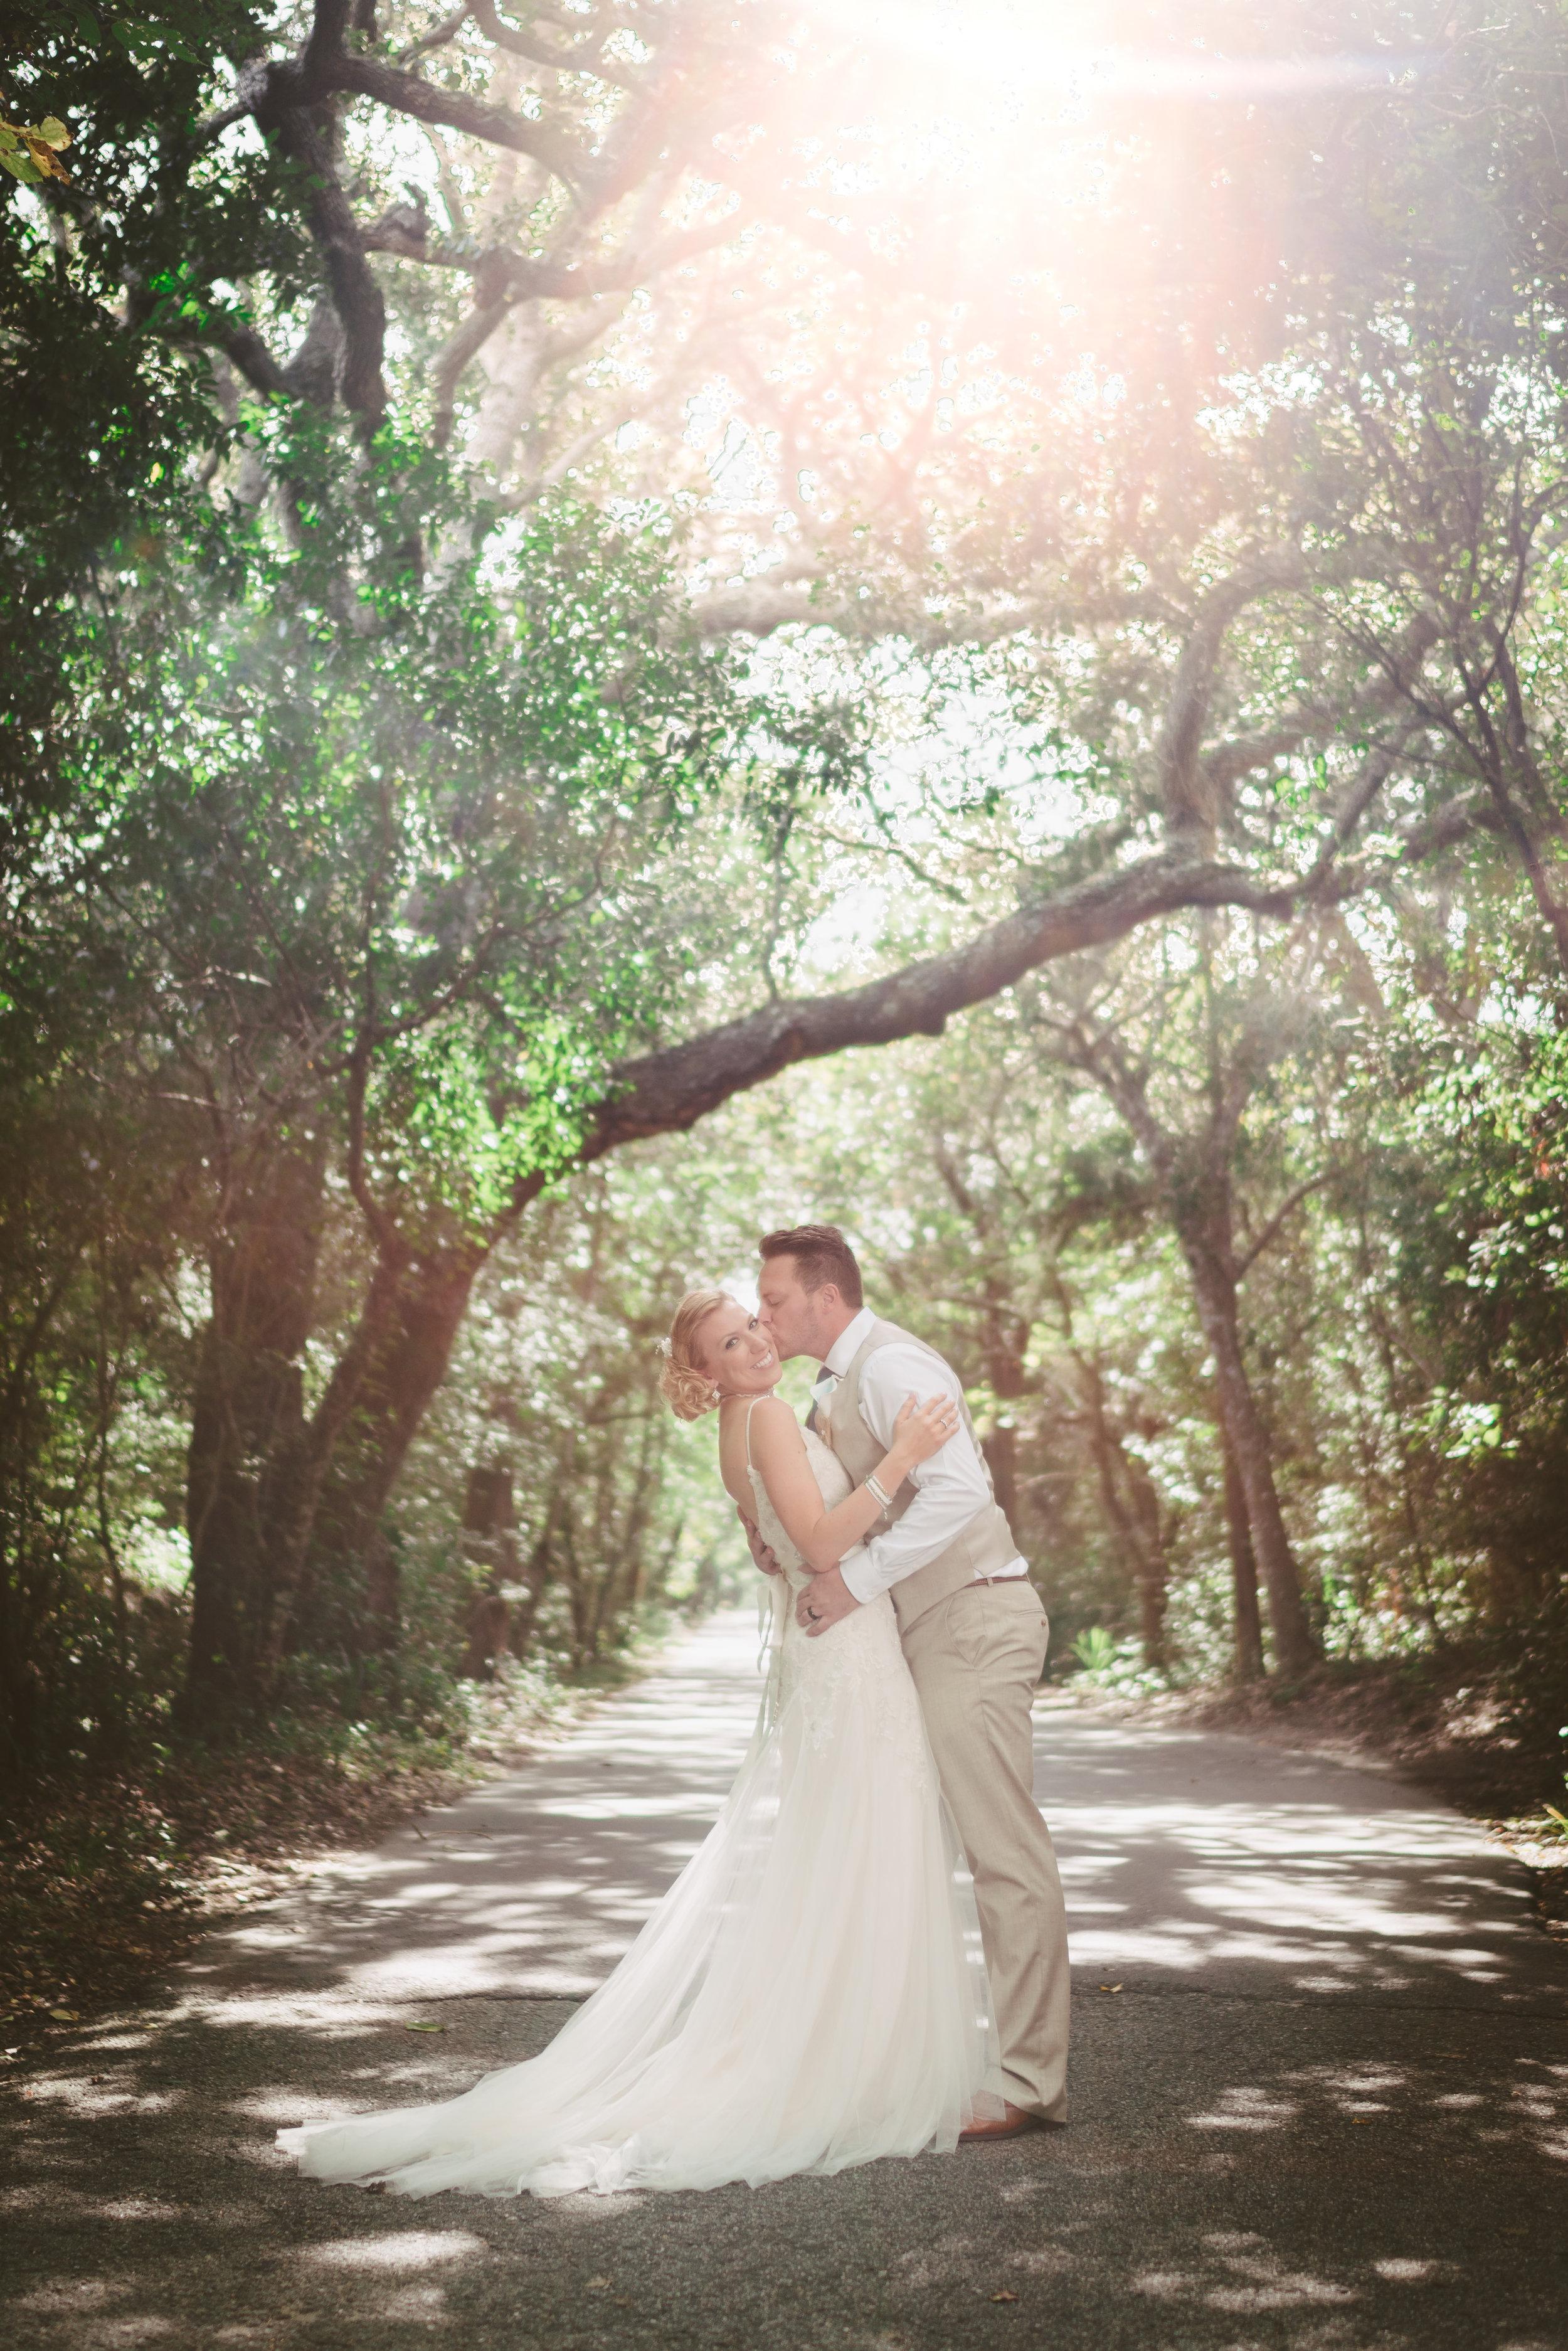 Wedding_PortWeirWeddingEdit-9508.jpg